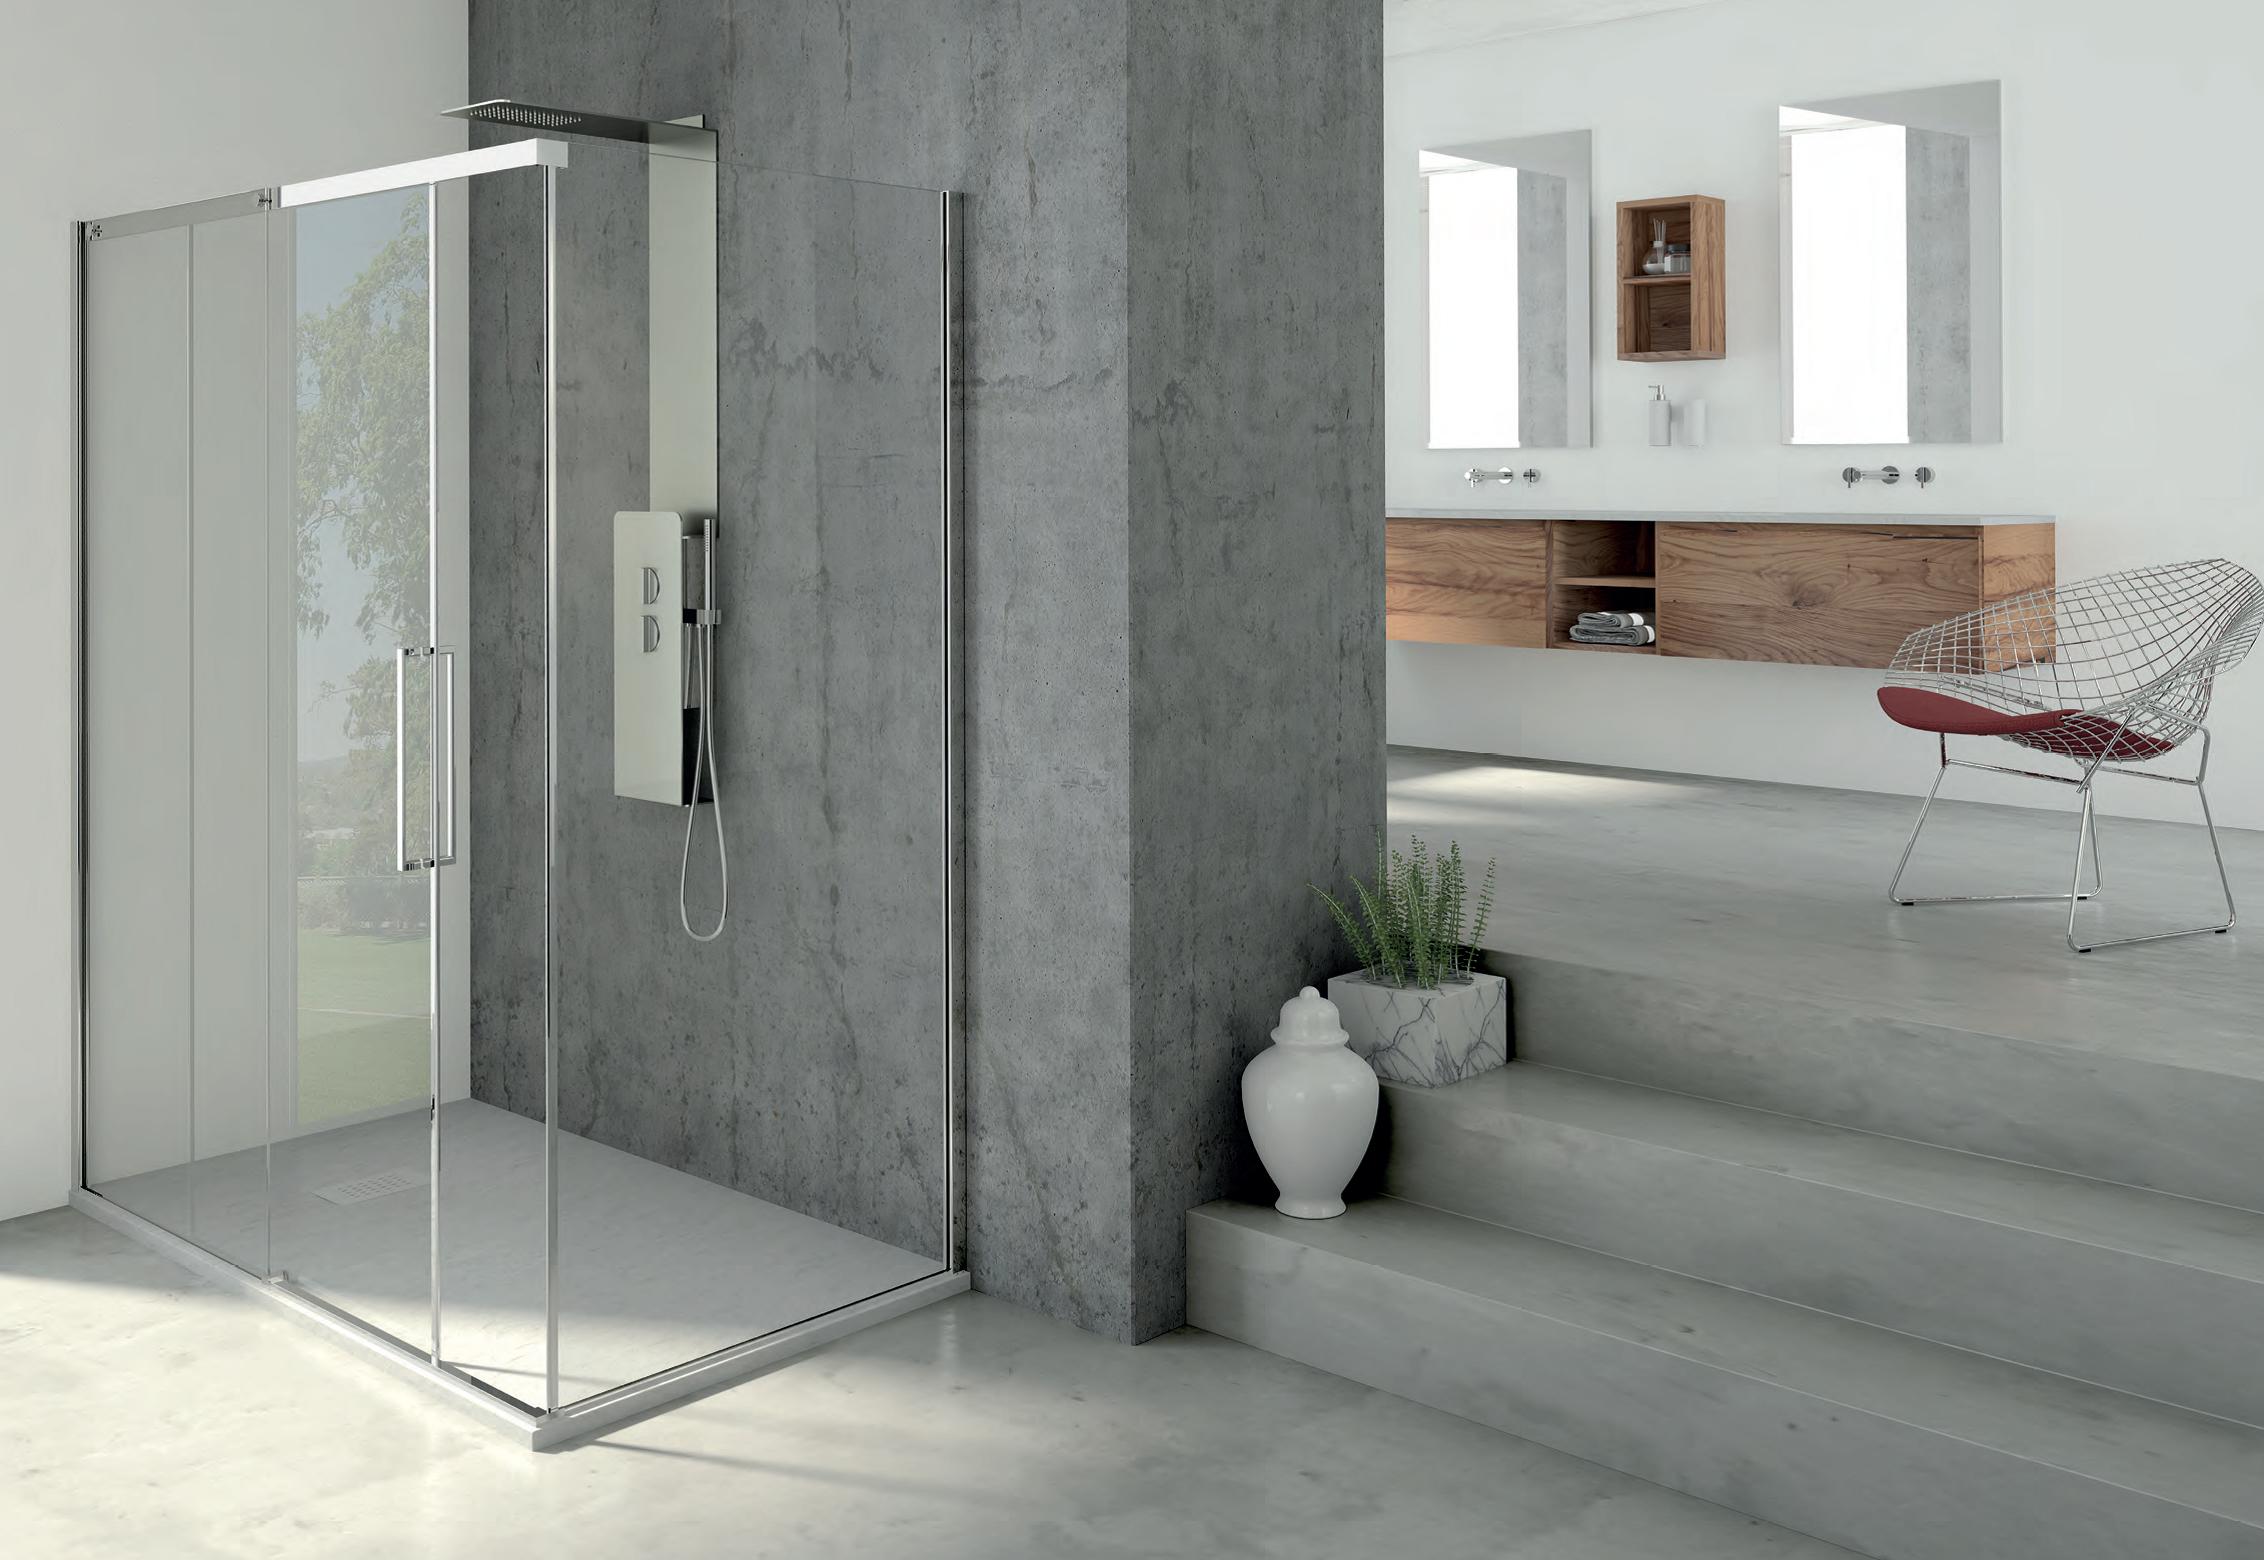 Scegli un piatto doccia filo pavimento e rivoluziona il design del